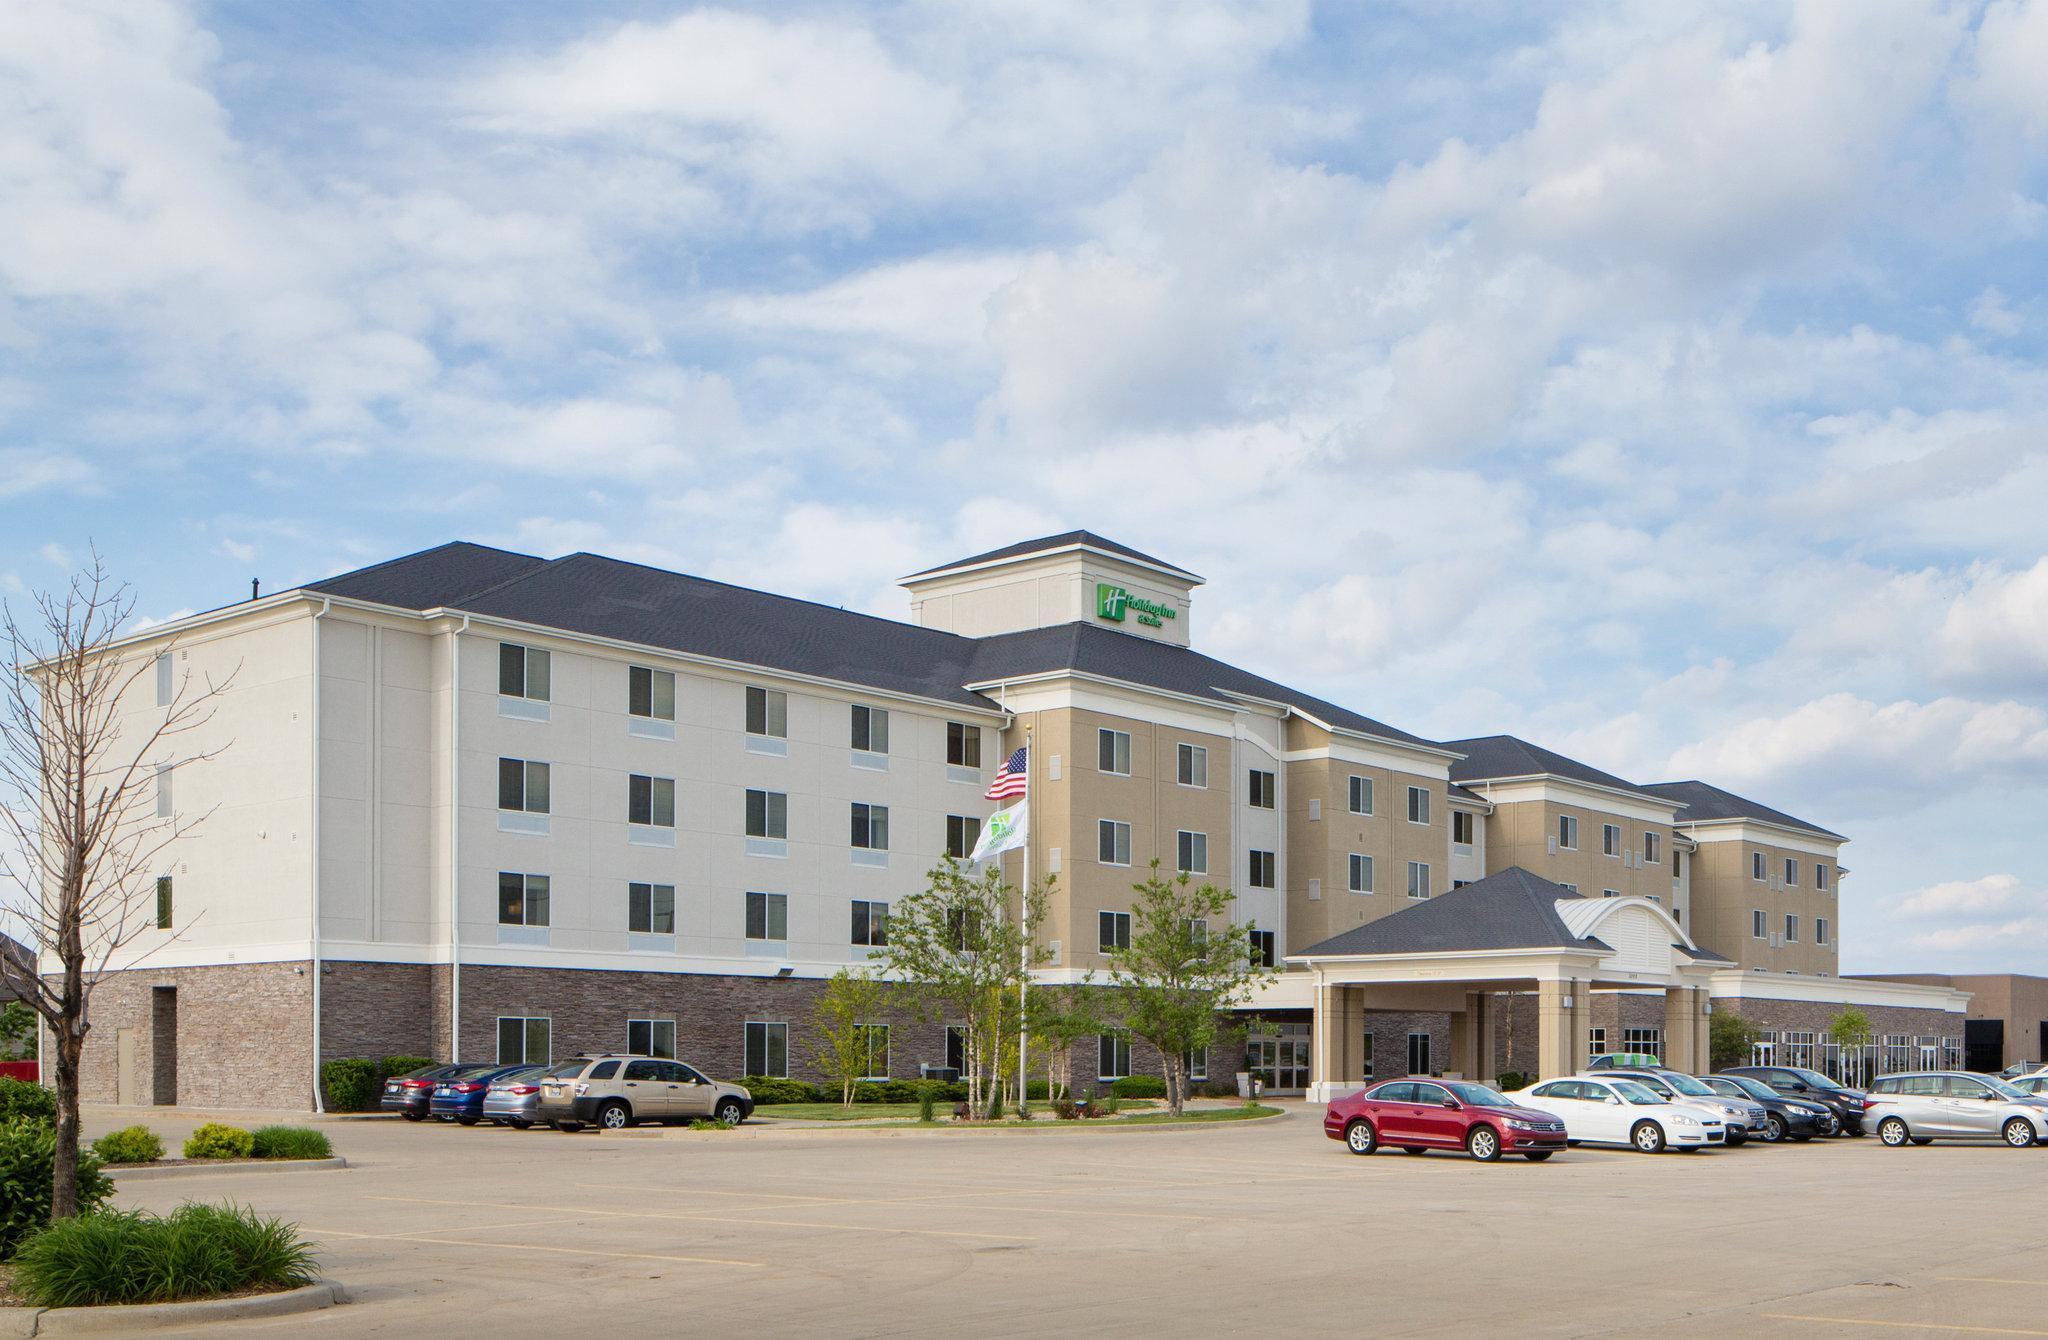 Holiday Inn Hotel & Suites Bloomington Airport, McLean